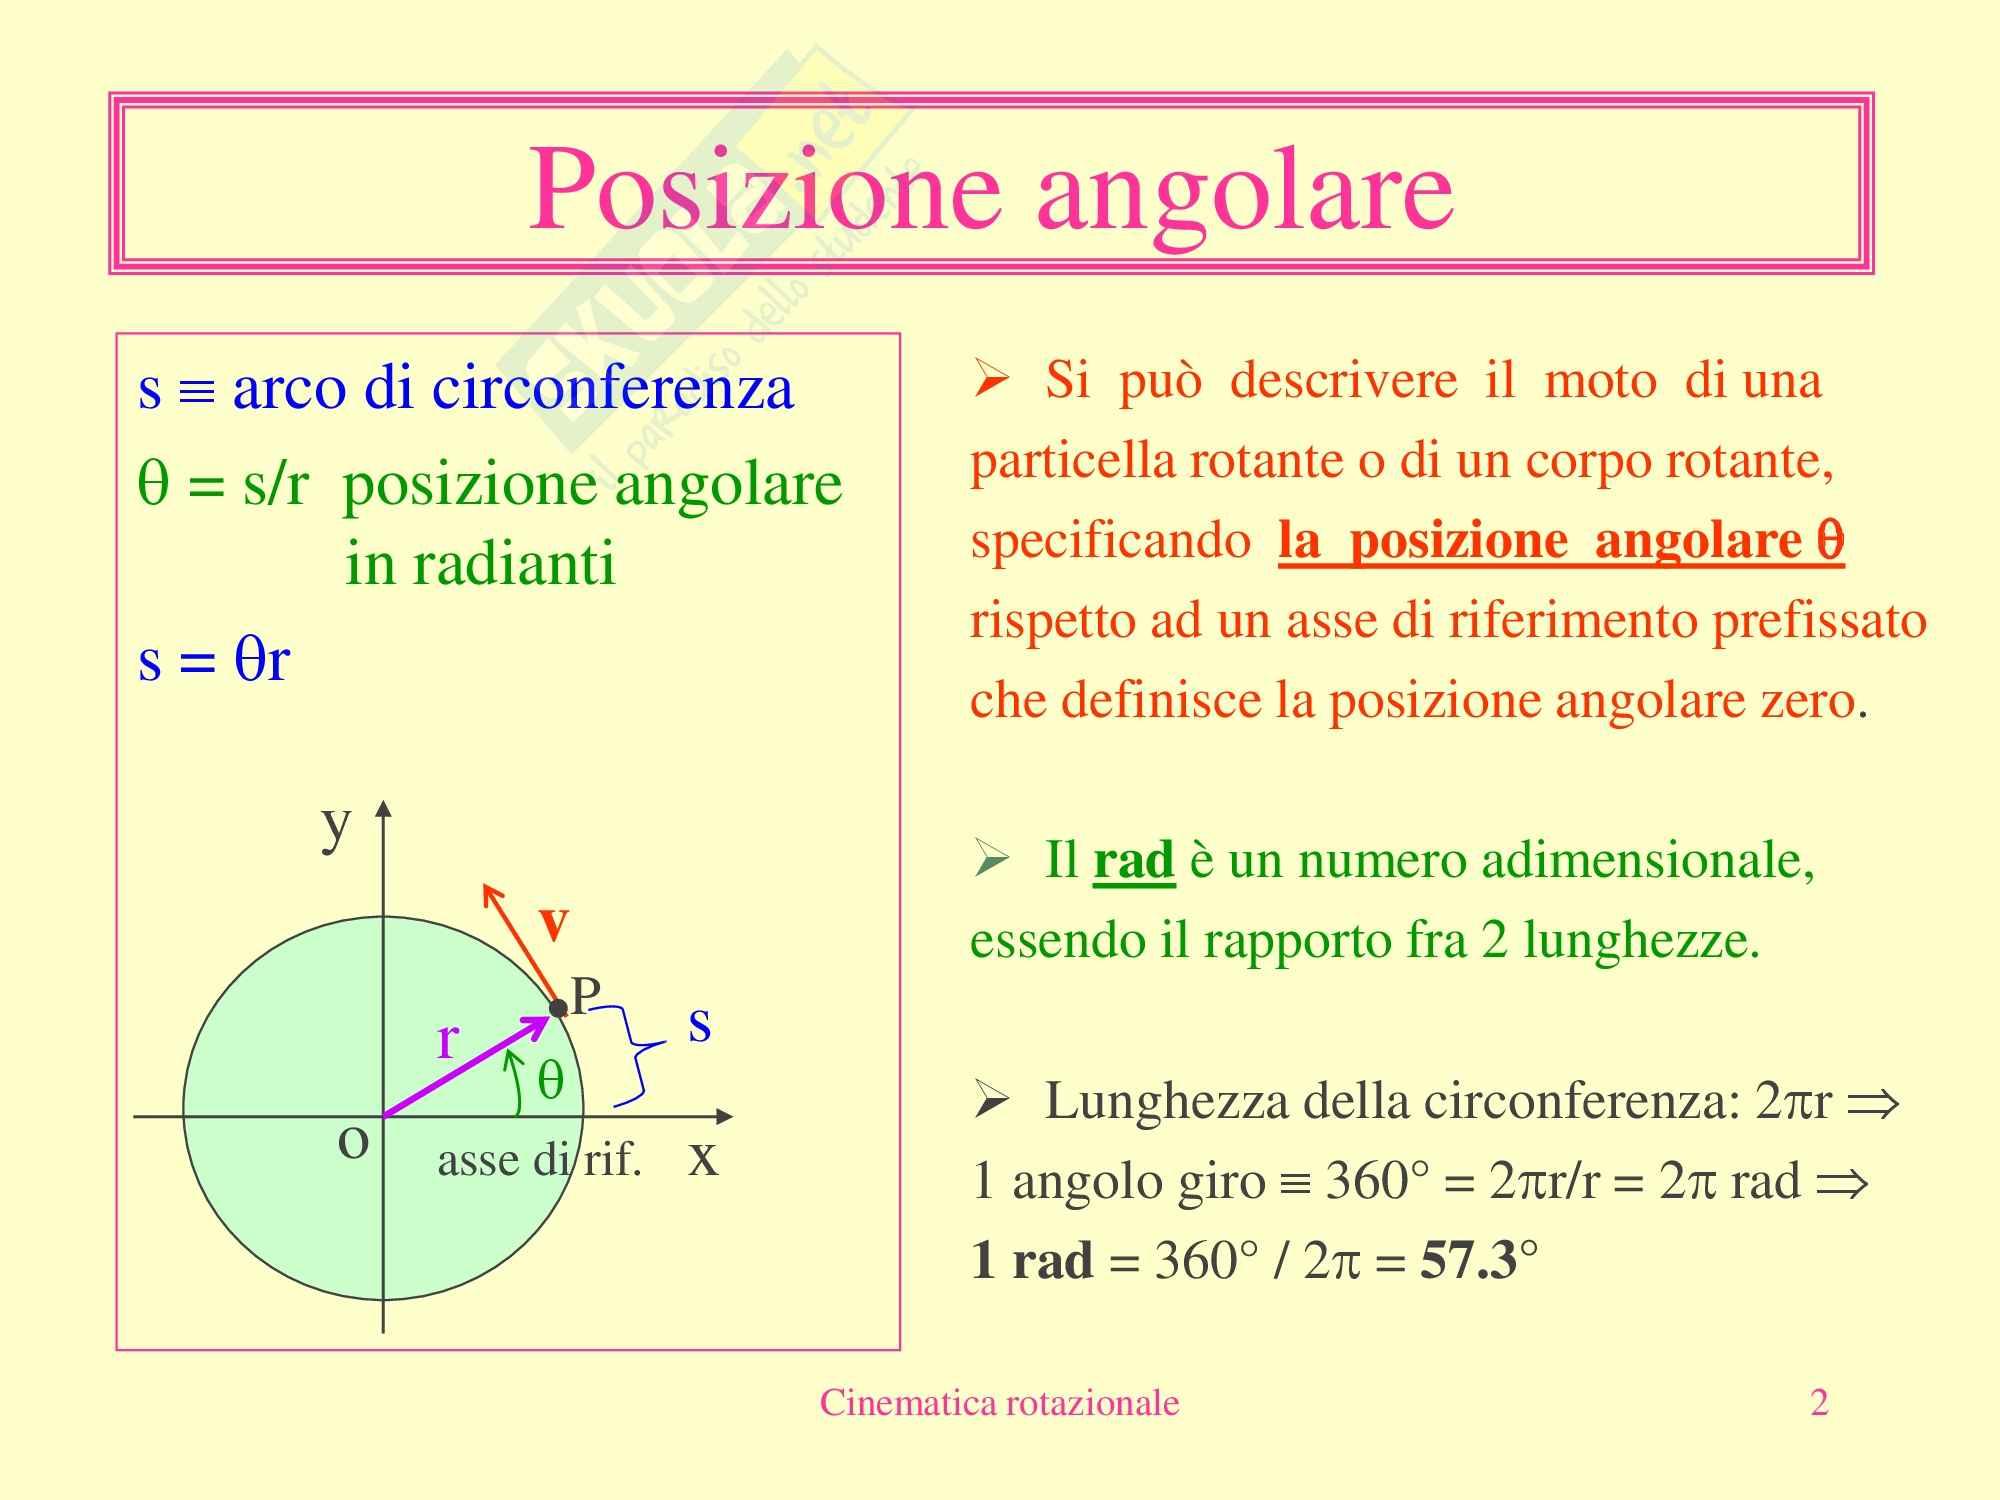 Fisica Medica - Cinematica Rotazionale Pag. 2